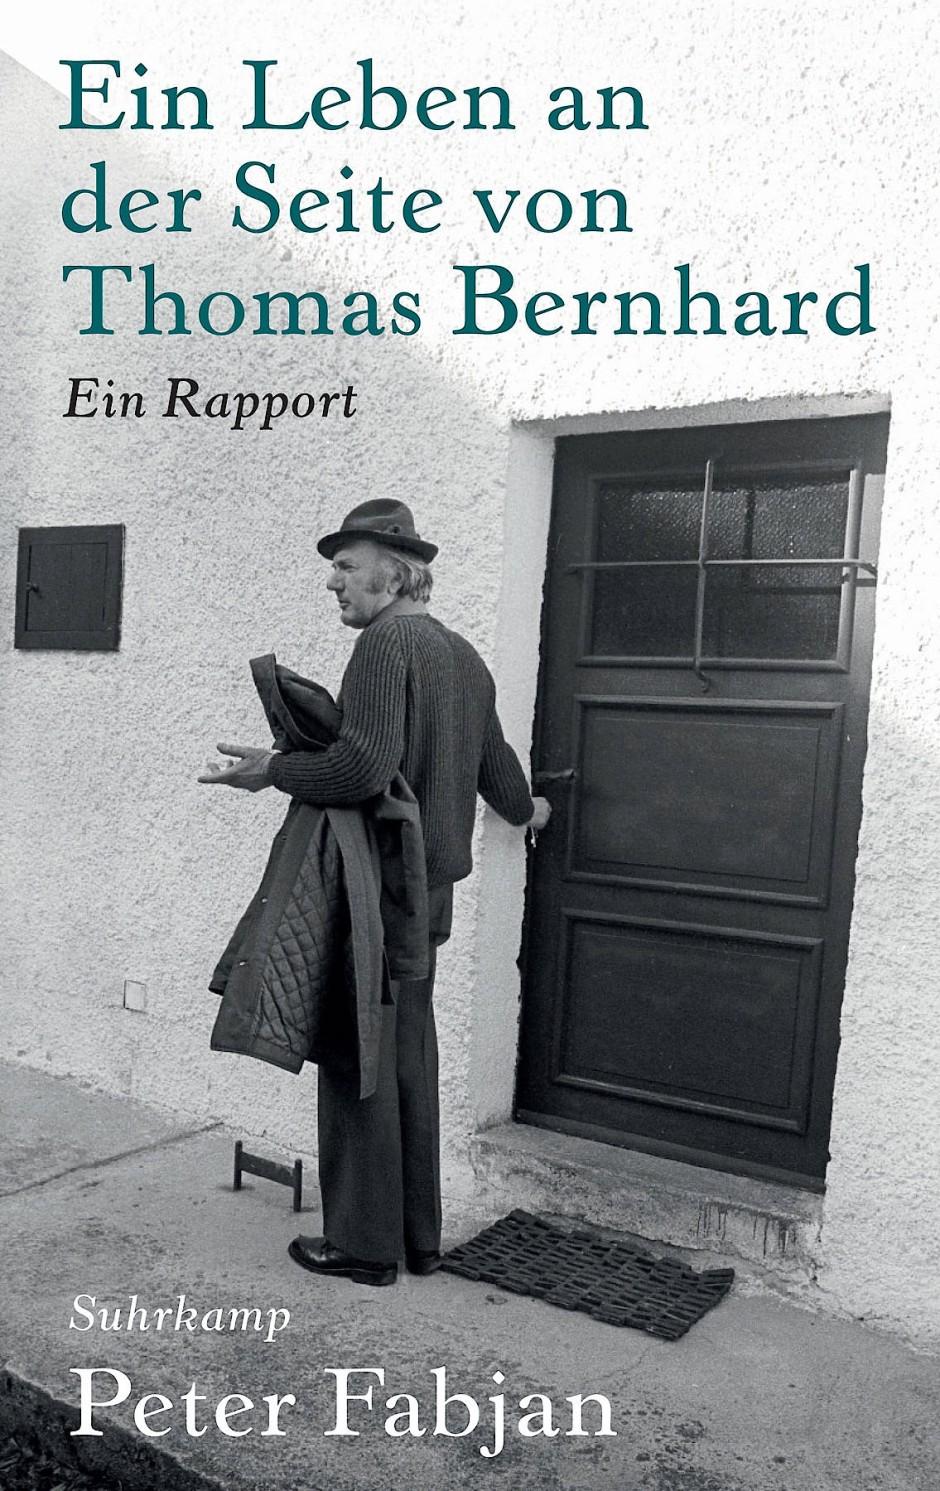 """Peter Fabjan: """"Ein Leben an der Seite von Thomas Bernhard"""". Ein Rapport."""